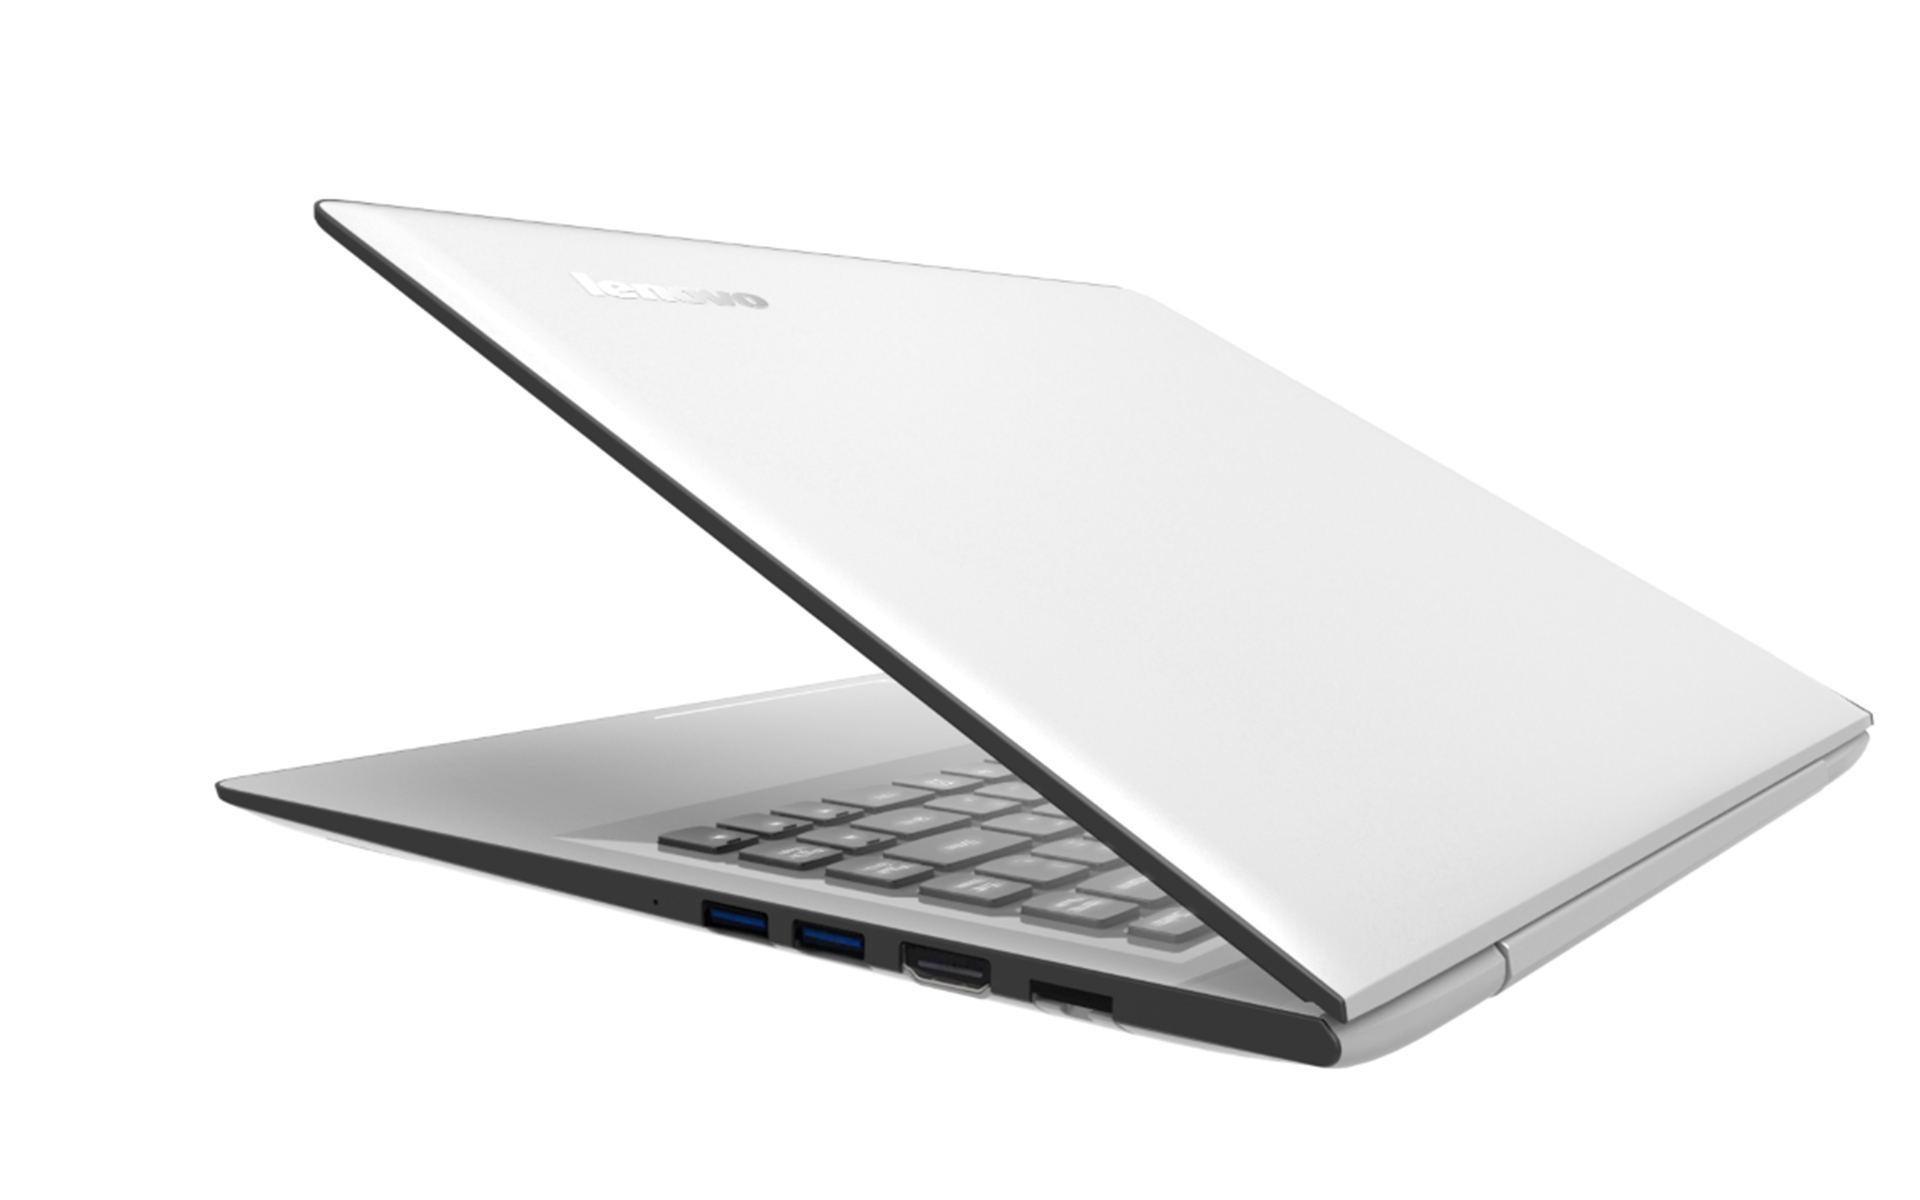 Giai-ma-cach-thuc-chon-mua-laptop-cu-mong-nhe-gia-re3